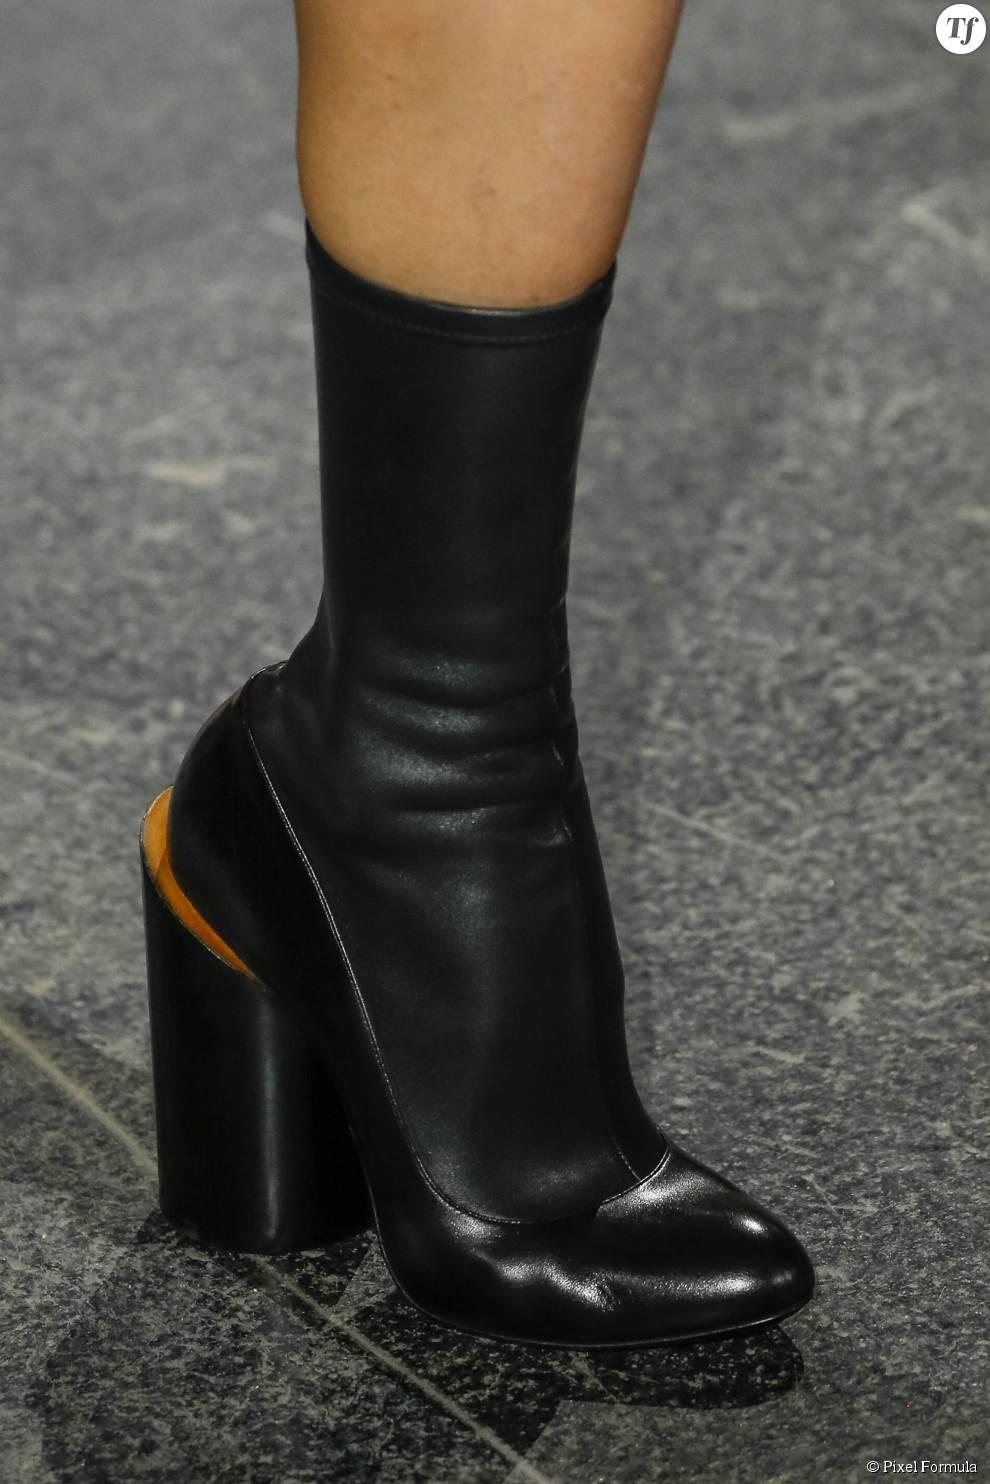 Défilé prêt-à-porter automne-hiver 2015-2016 : boots Givenchy.